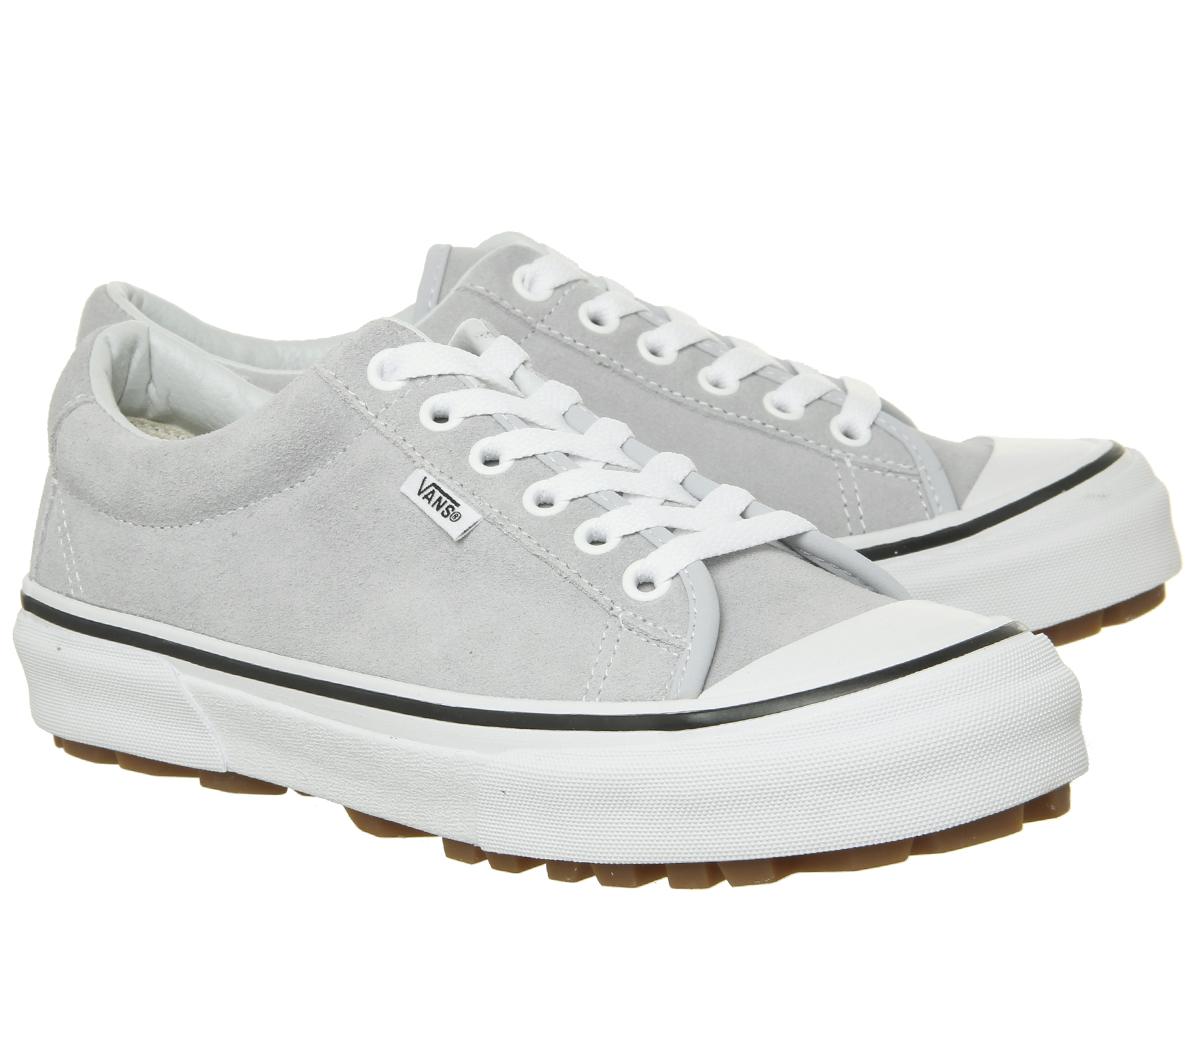 a45d780dc9 Mujer Vans Estilo 29 Zapatillas Gris Dawn True Zapatillas Blancas